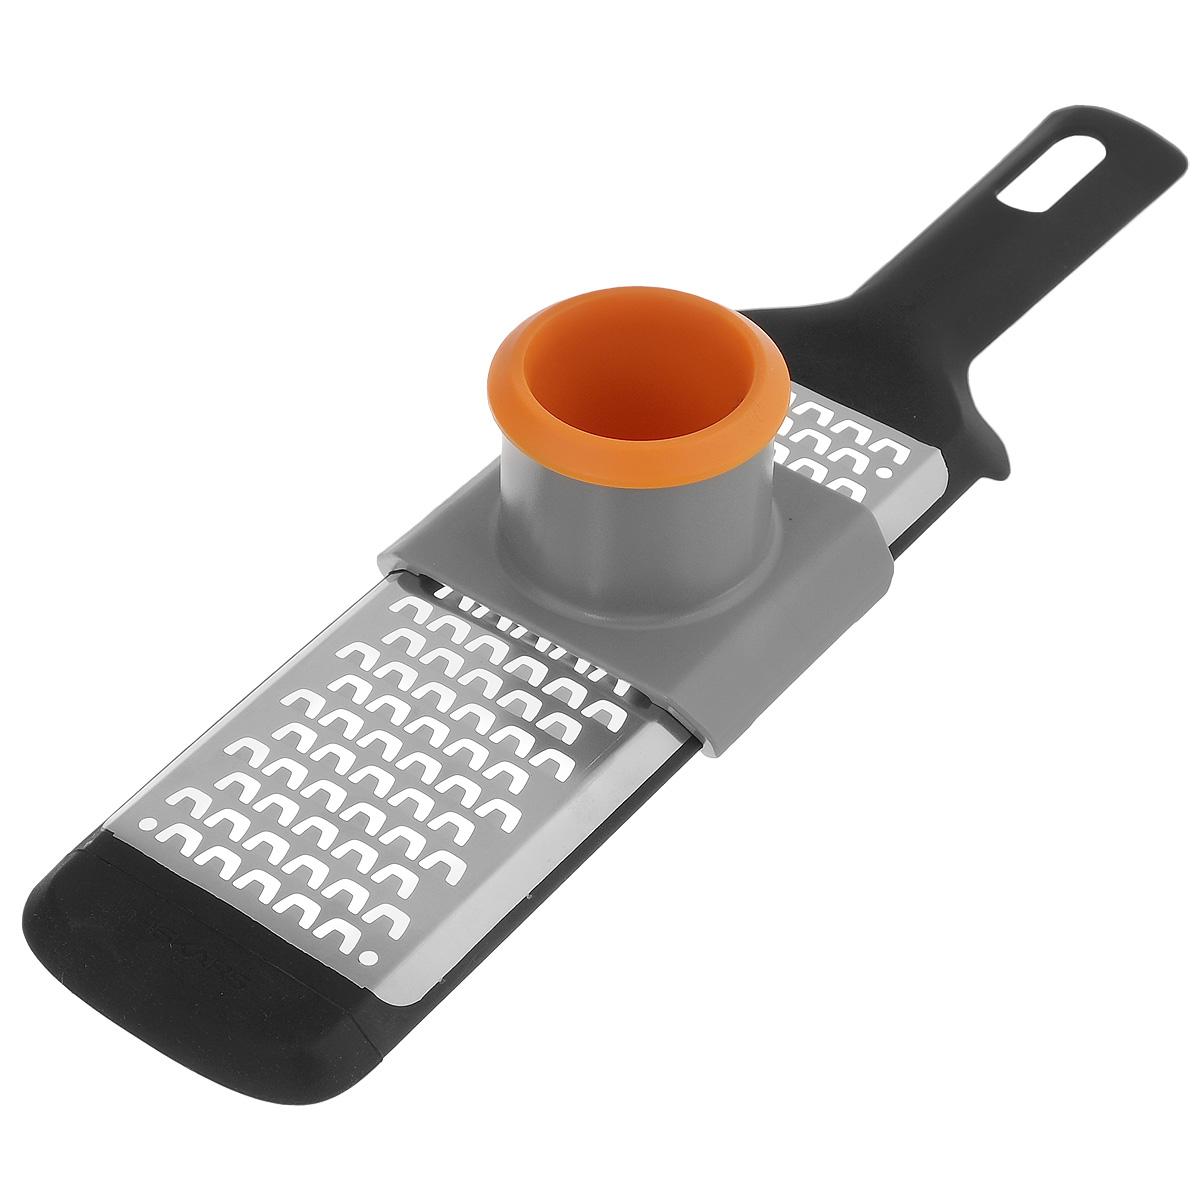 Терка крупная Fiskars с предохранителем для пальцев, 32 см х 7 см1014410Терка Fiskars изготовлена из пластика и нержавеющей стали. Оснащена крупными лезвиями для натирания моркови, картофеля, сыра, яблок и многое другое.Изделие имеет удобную ручку с отверстием для подвешивания на крючок.В комплекте - пластиковый предохранитель для пальцев, делающий процесс натирания безопасным. Размер терки (с учетом ручки): 32 см х 7 см х 1,5 см. Размер рабочей поверхности терки: 17 см х 6 см. Размер предохранителя: 8 см х 7 см х 5,7 см.